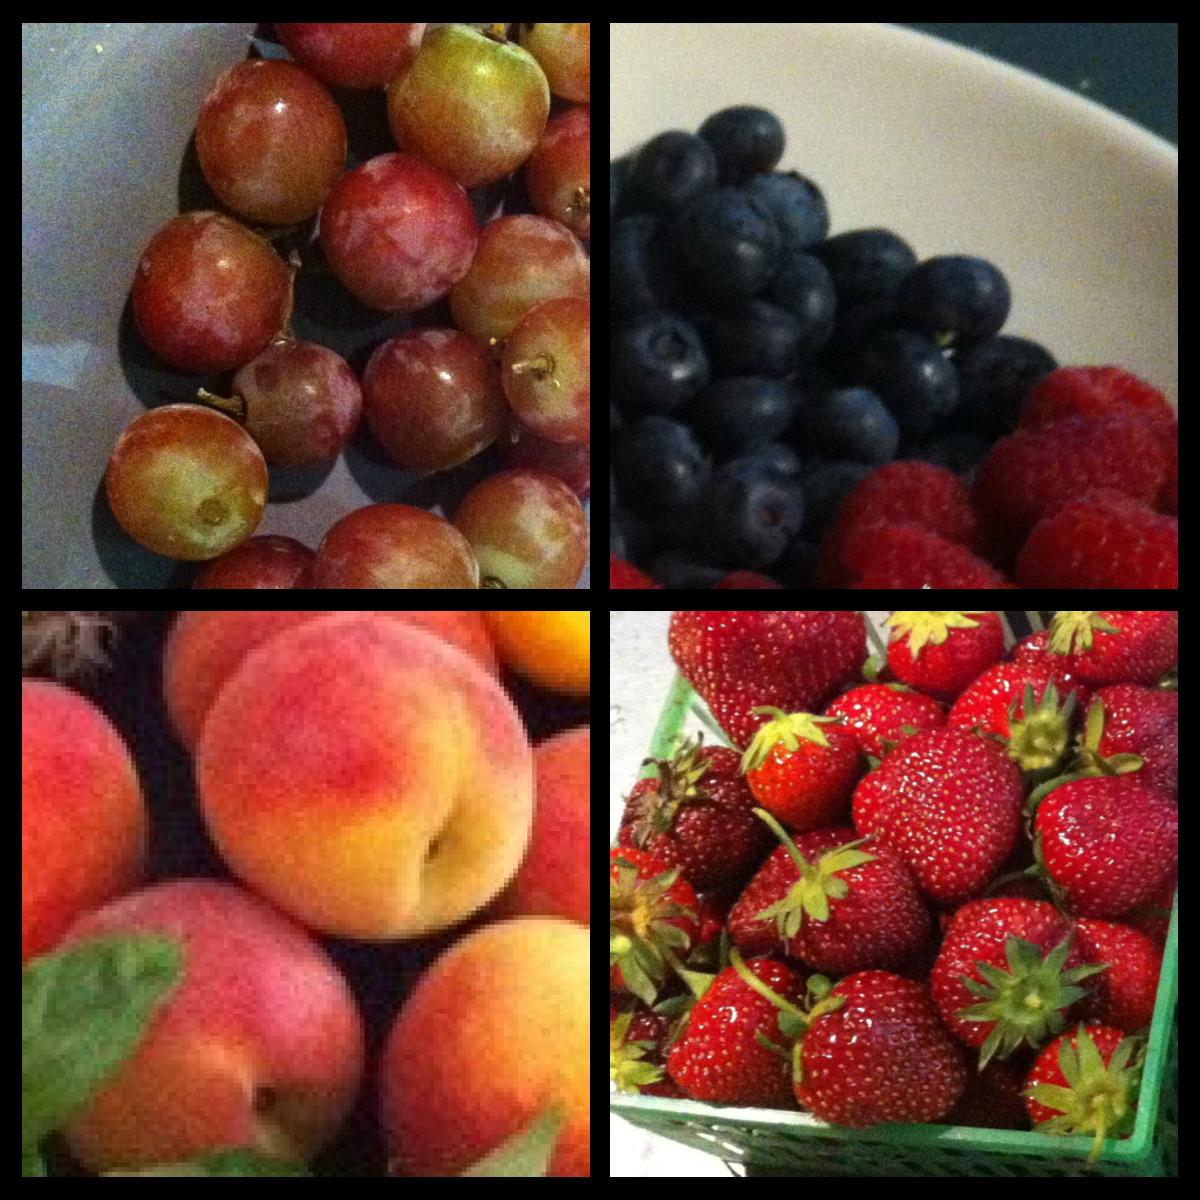 Fruit is part of a healthy breakfast.